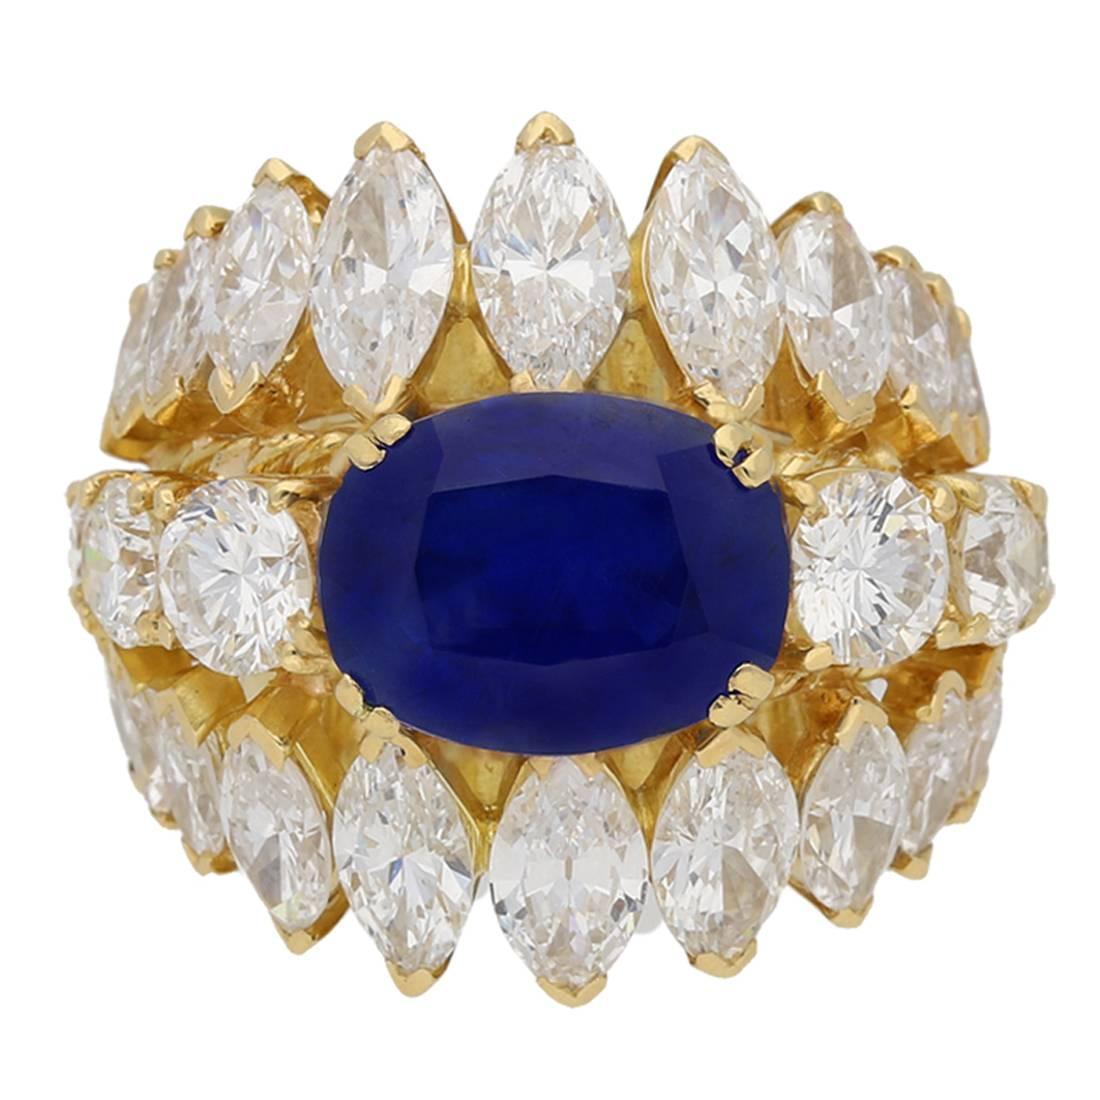 1960s Natural unenhanced Burmese sapphire diamond gold ring